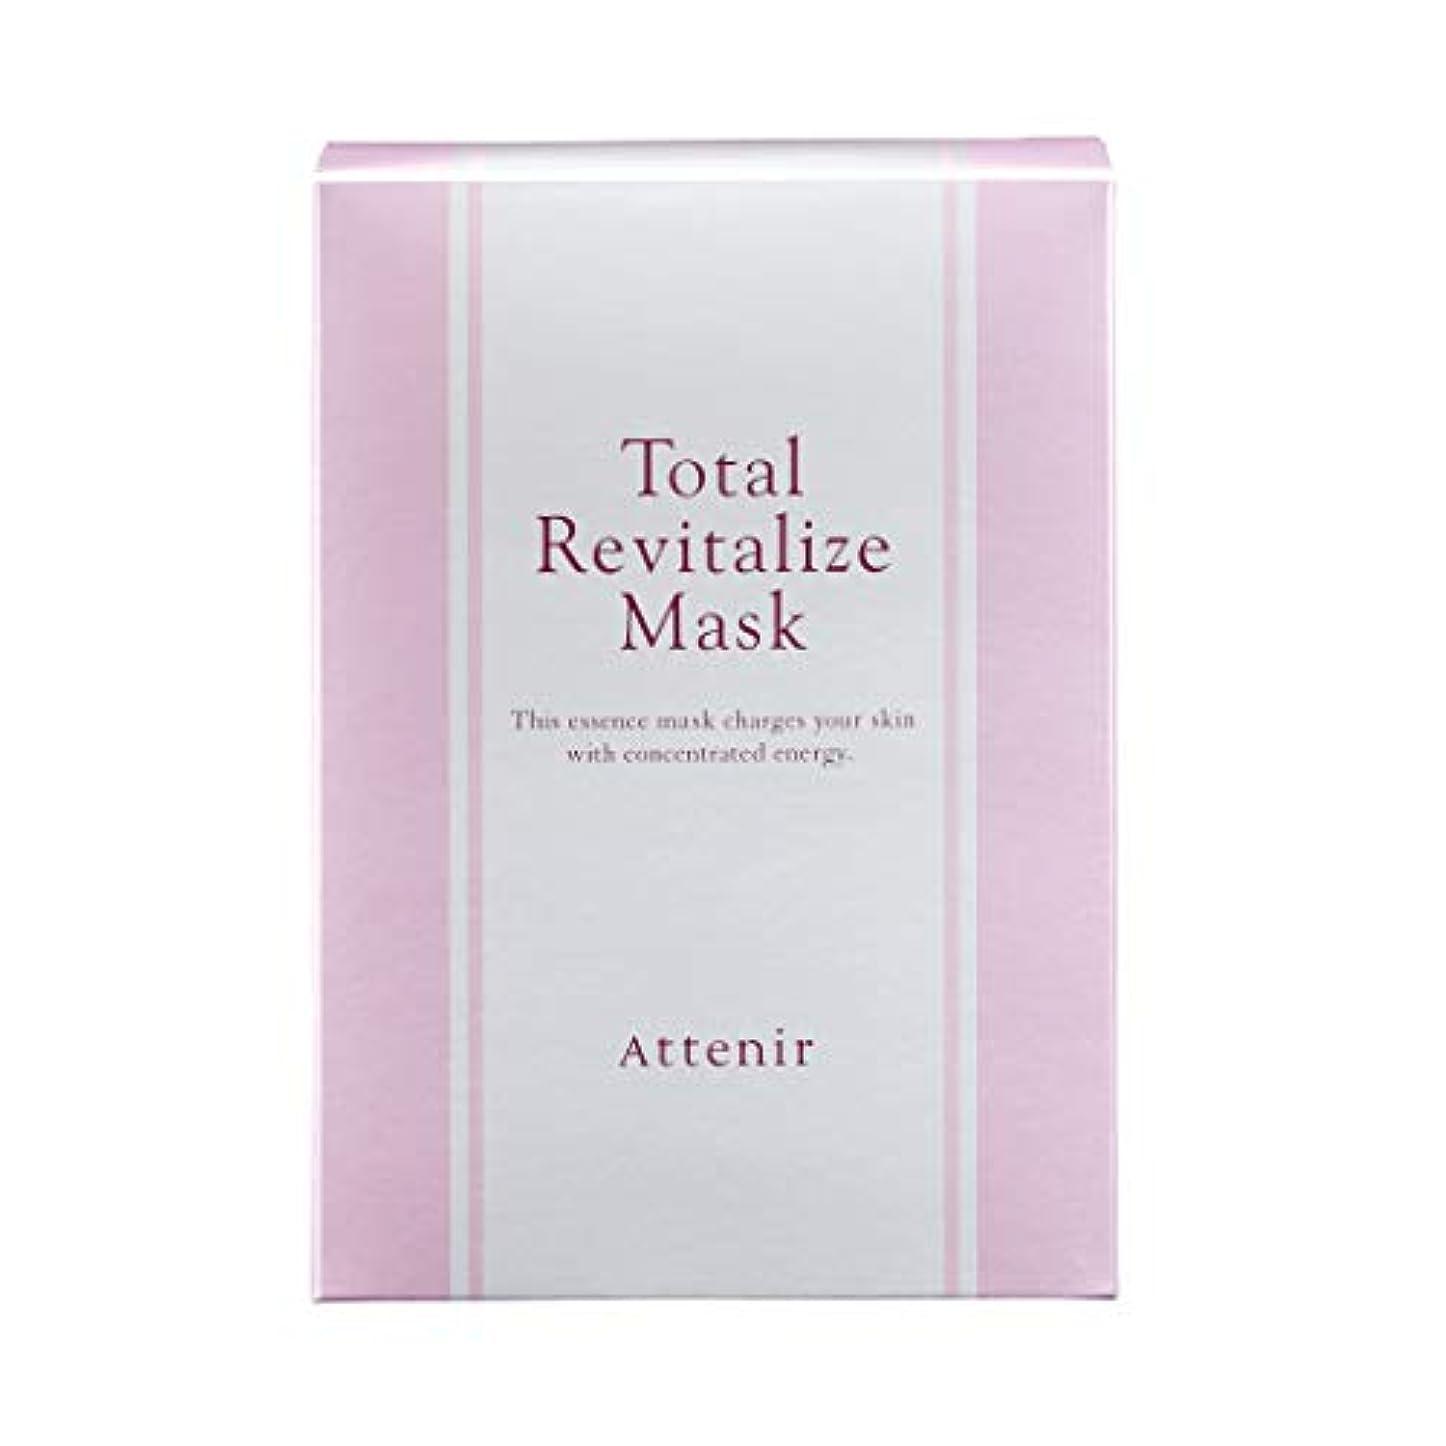 移動する侮辱オペレーターアテニア トータルリヴァイタライズ マスク肌疲労ケアシートマスク 全顔用 6包入り